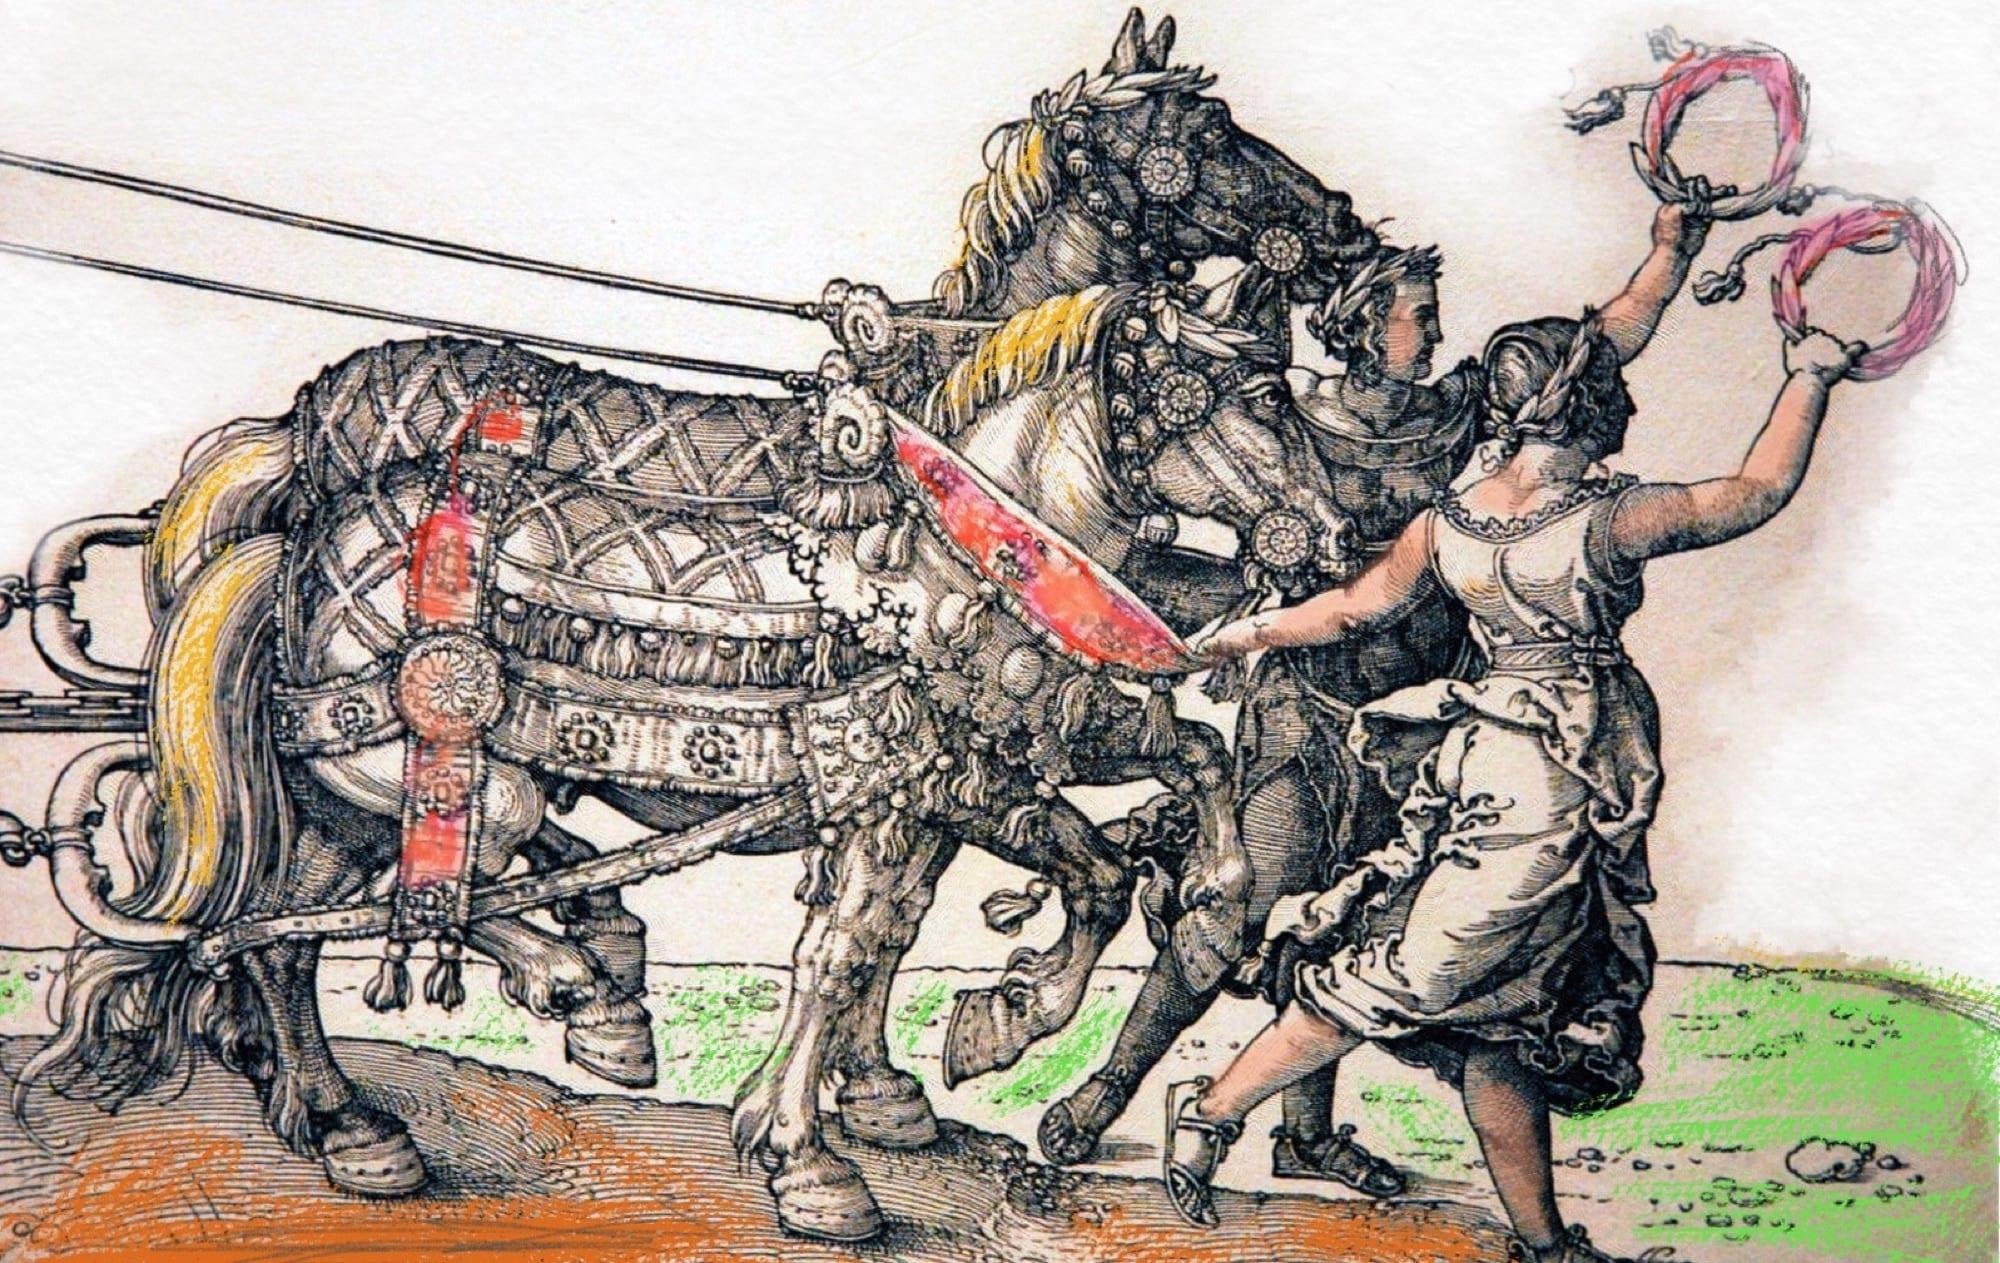 2 Cavalieri con dei doni che utilizzeranno presumibilmente per corteggiare alcune dame